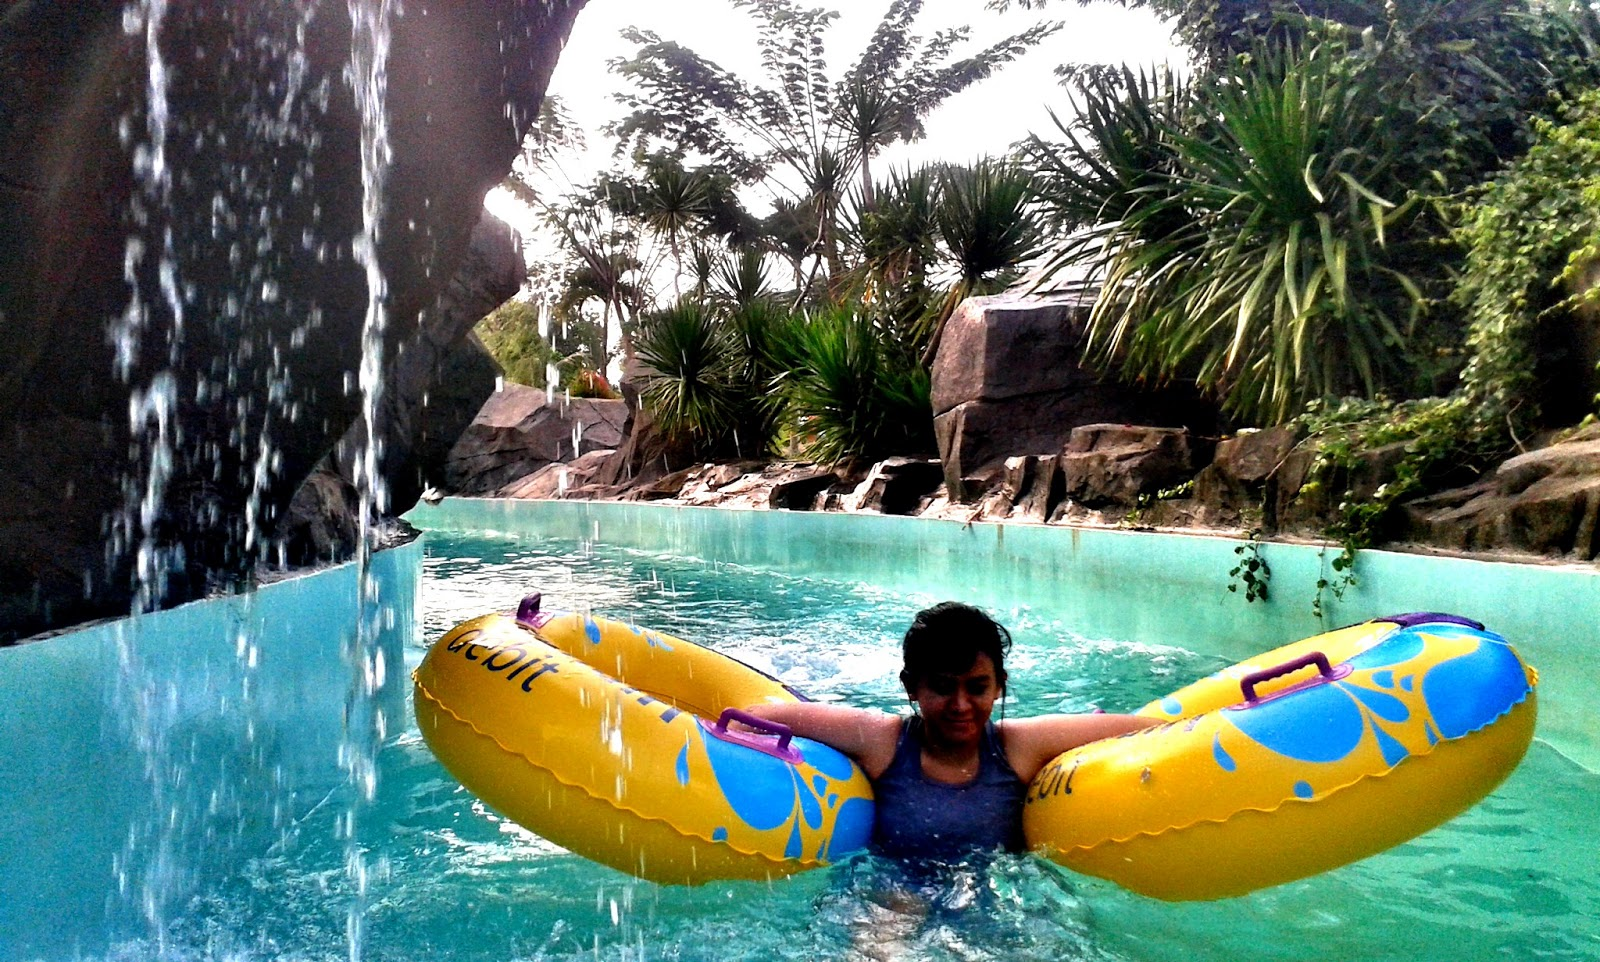 Water Kingdom Mekarsari Voucher Tiket Masuk Waterkingdom Cileungsi Tempat Ini Bisa Dibilang Masih Baru Untuk Sampai Kesitu Butuh Perjalanan Yang Lumayan Makan Waktu Kalau Naik Motor Di Cibubur Ujung Coy